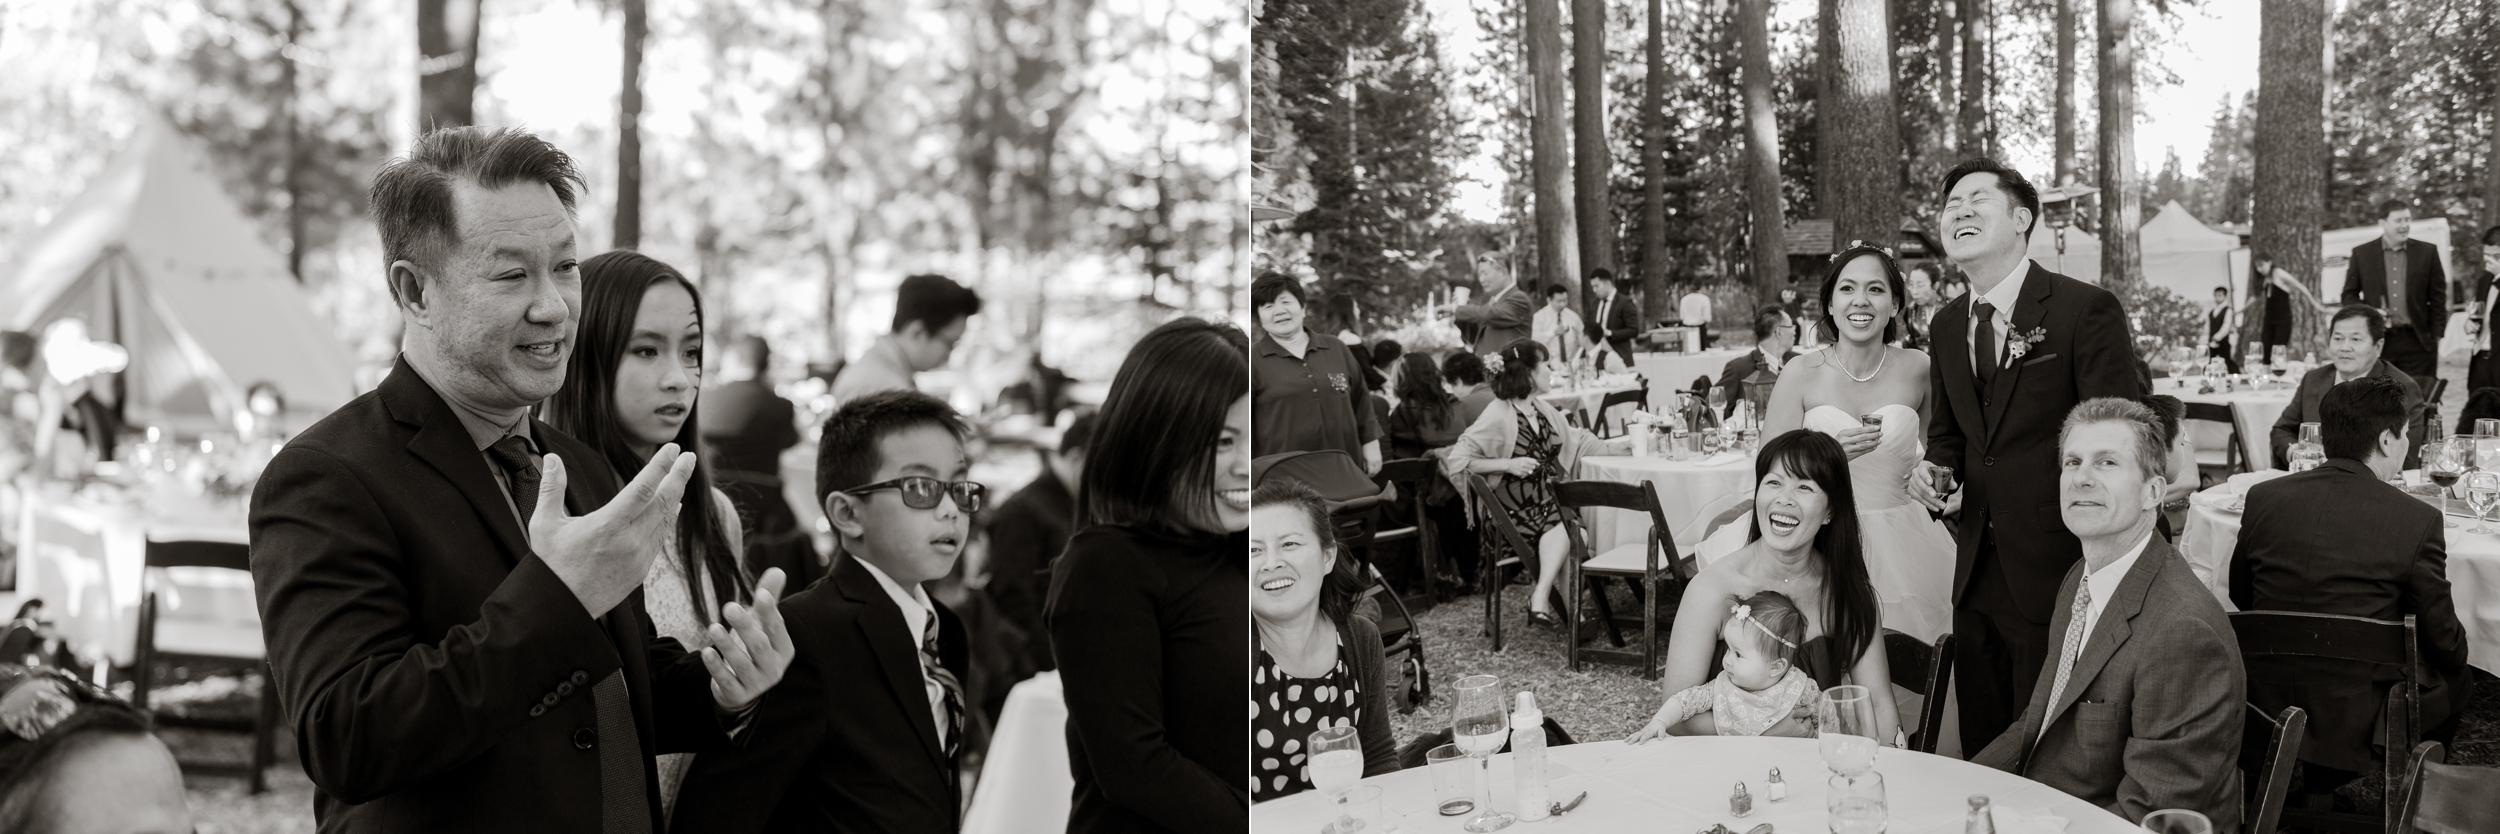 lake-tahoe-destination-wedding-vivianchen-58.jpg